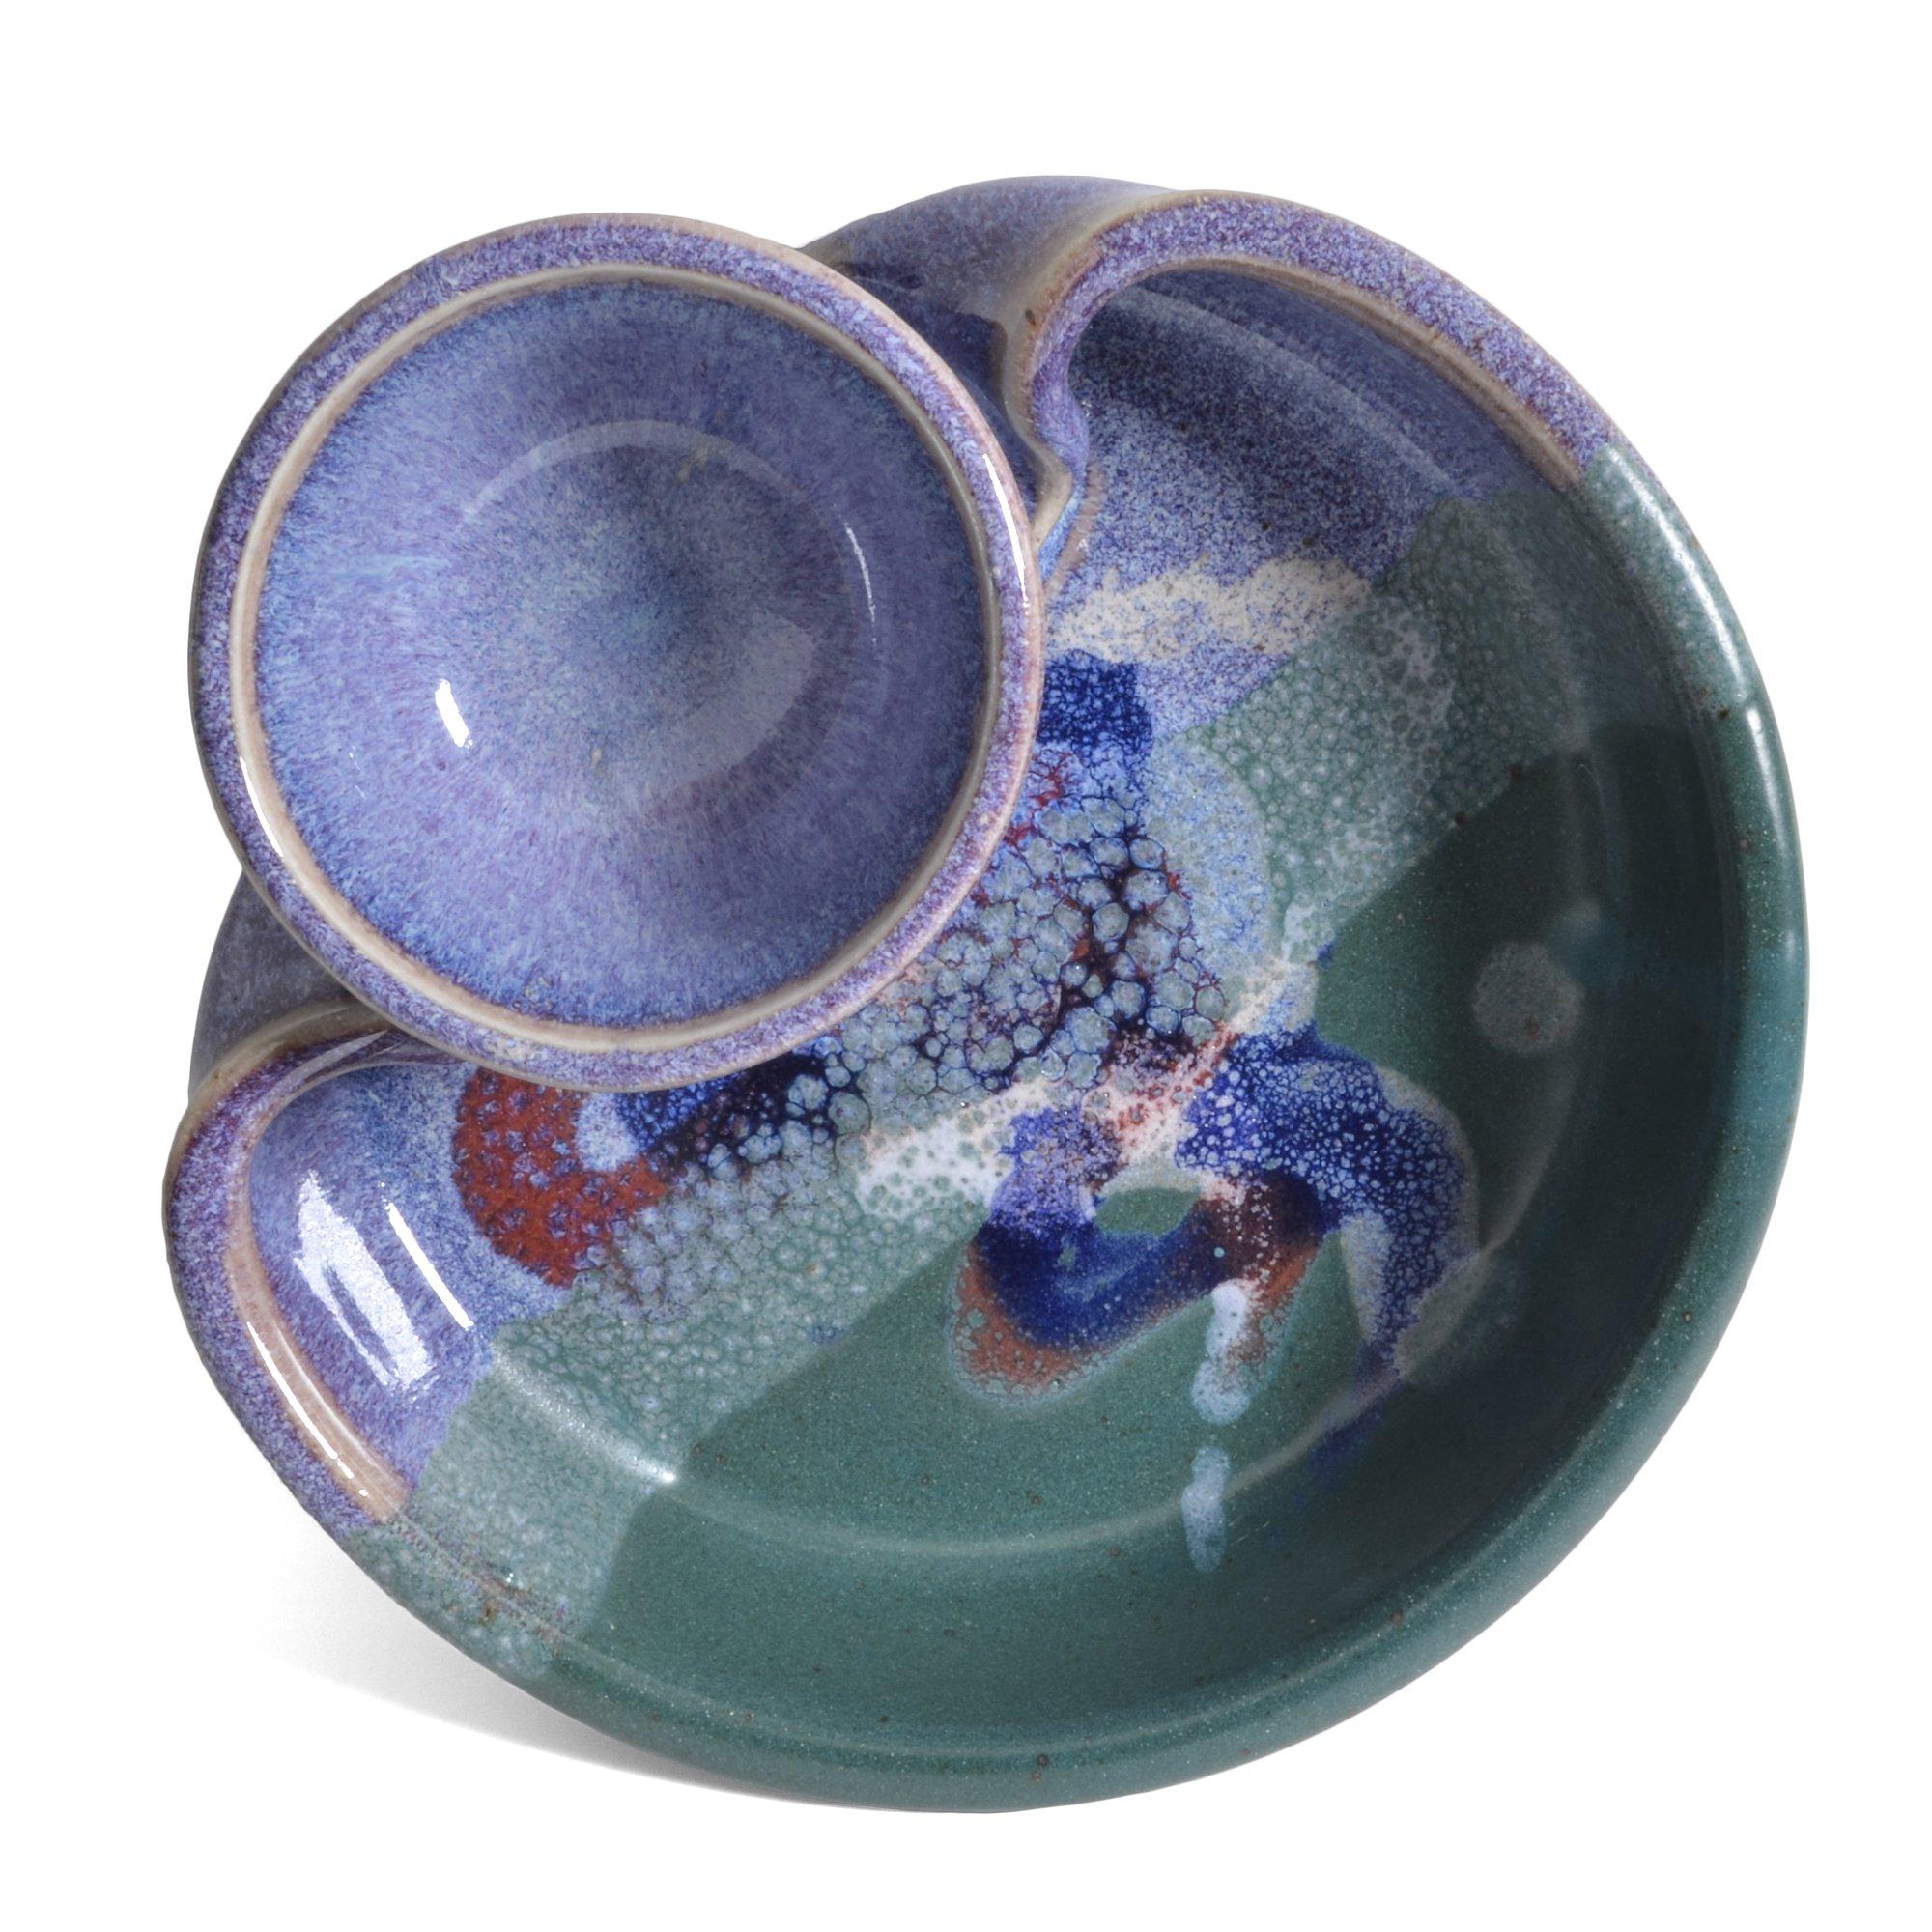 Larrabee Ceramics Shrimp and Dip Bowl, Mauve/Green